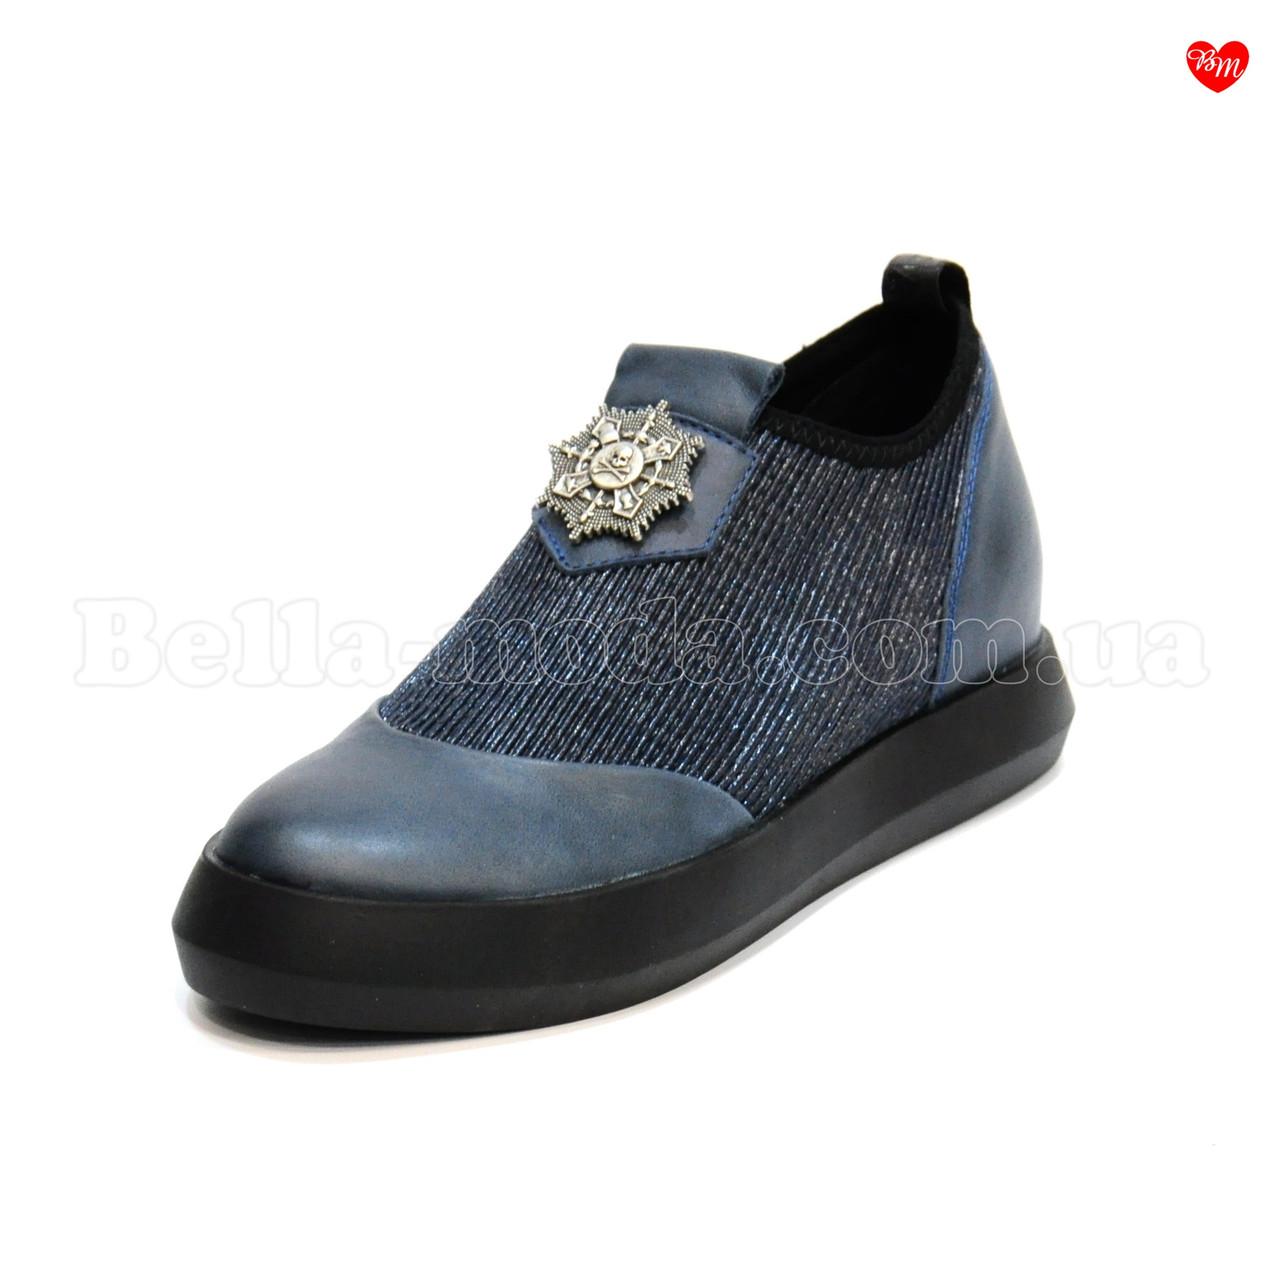 e22f5600e104 Купить Женские слипоны кожаные стрейч значок в розницу от интернет-магазина  ...